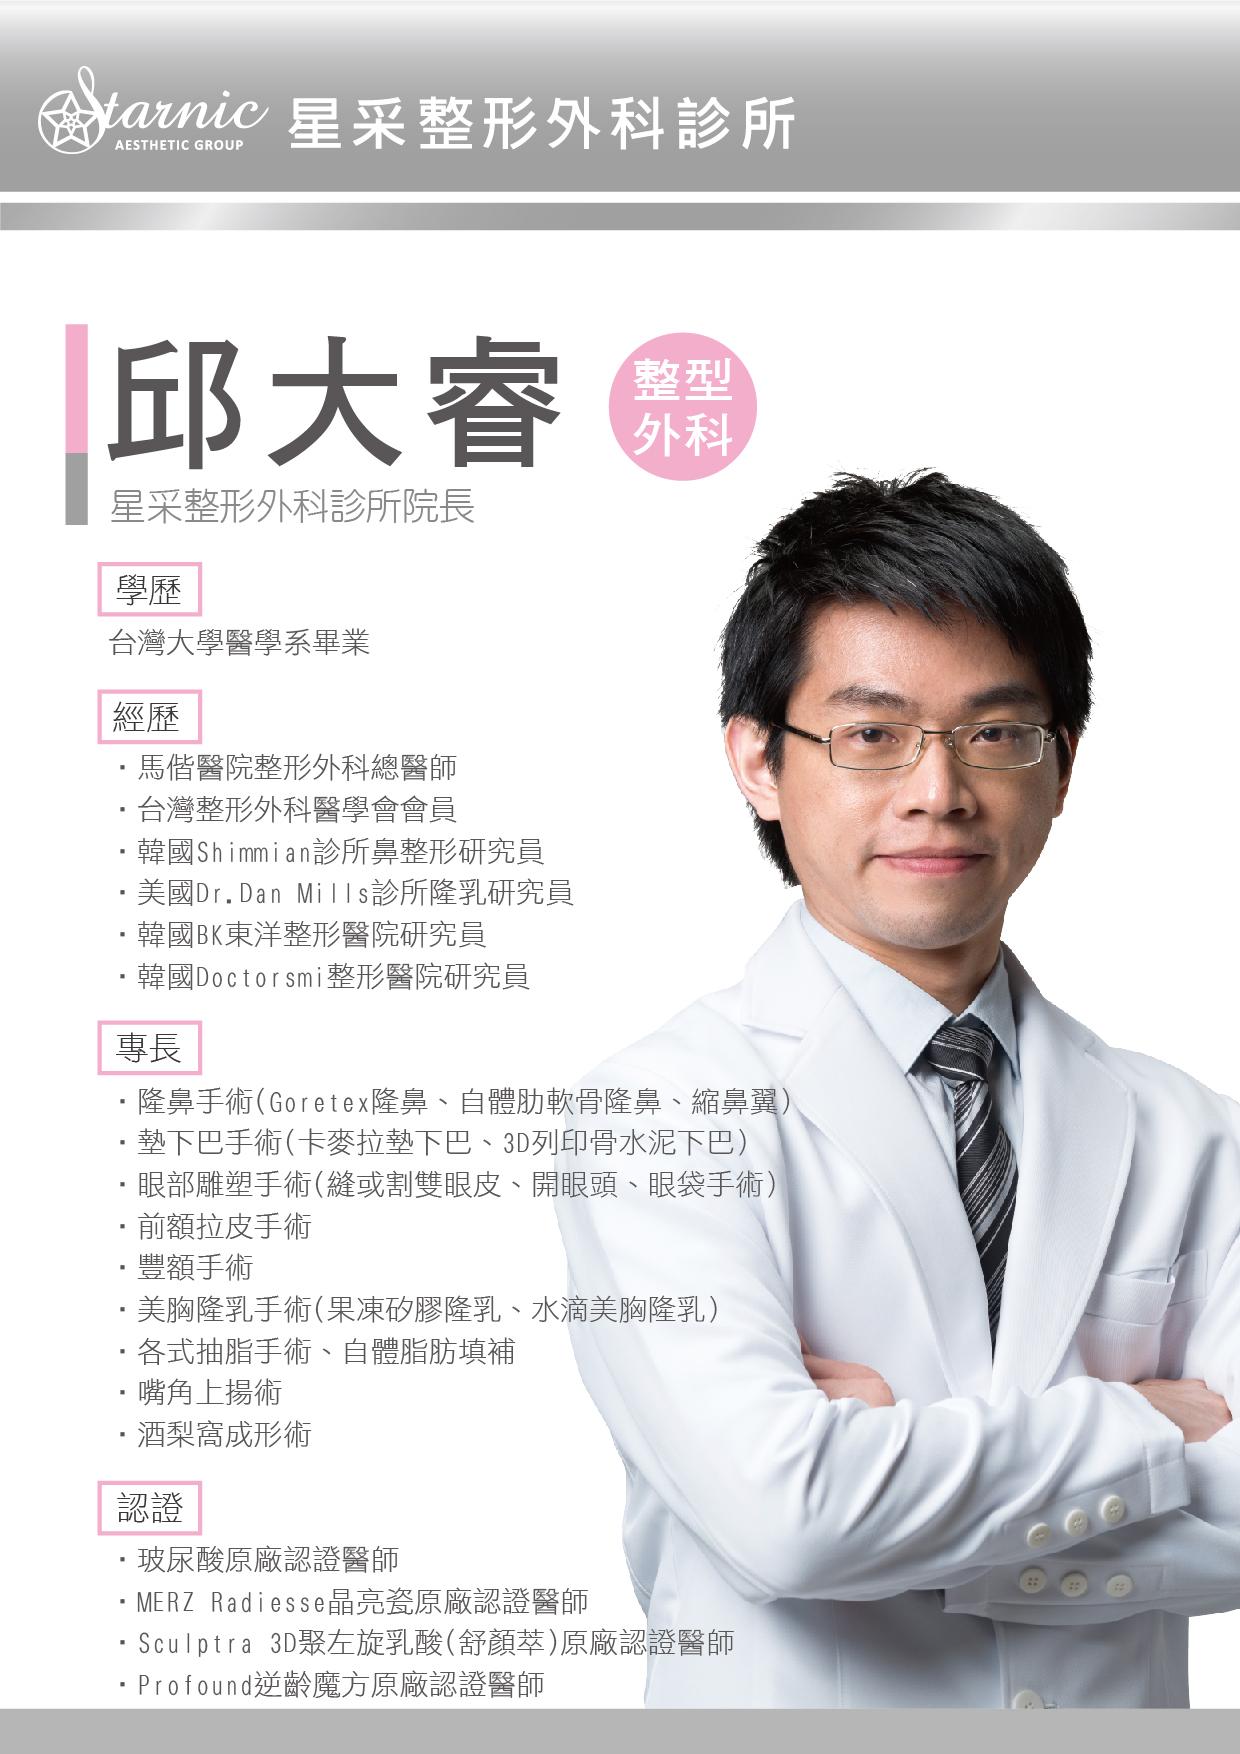 醫師簡介製作-邱大睿-02.jpg